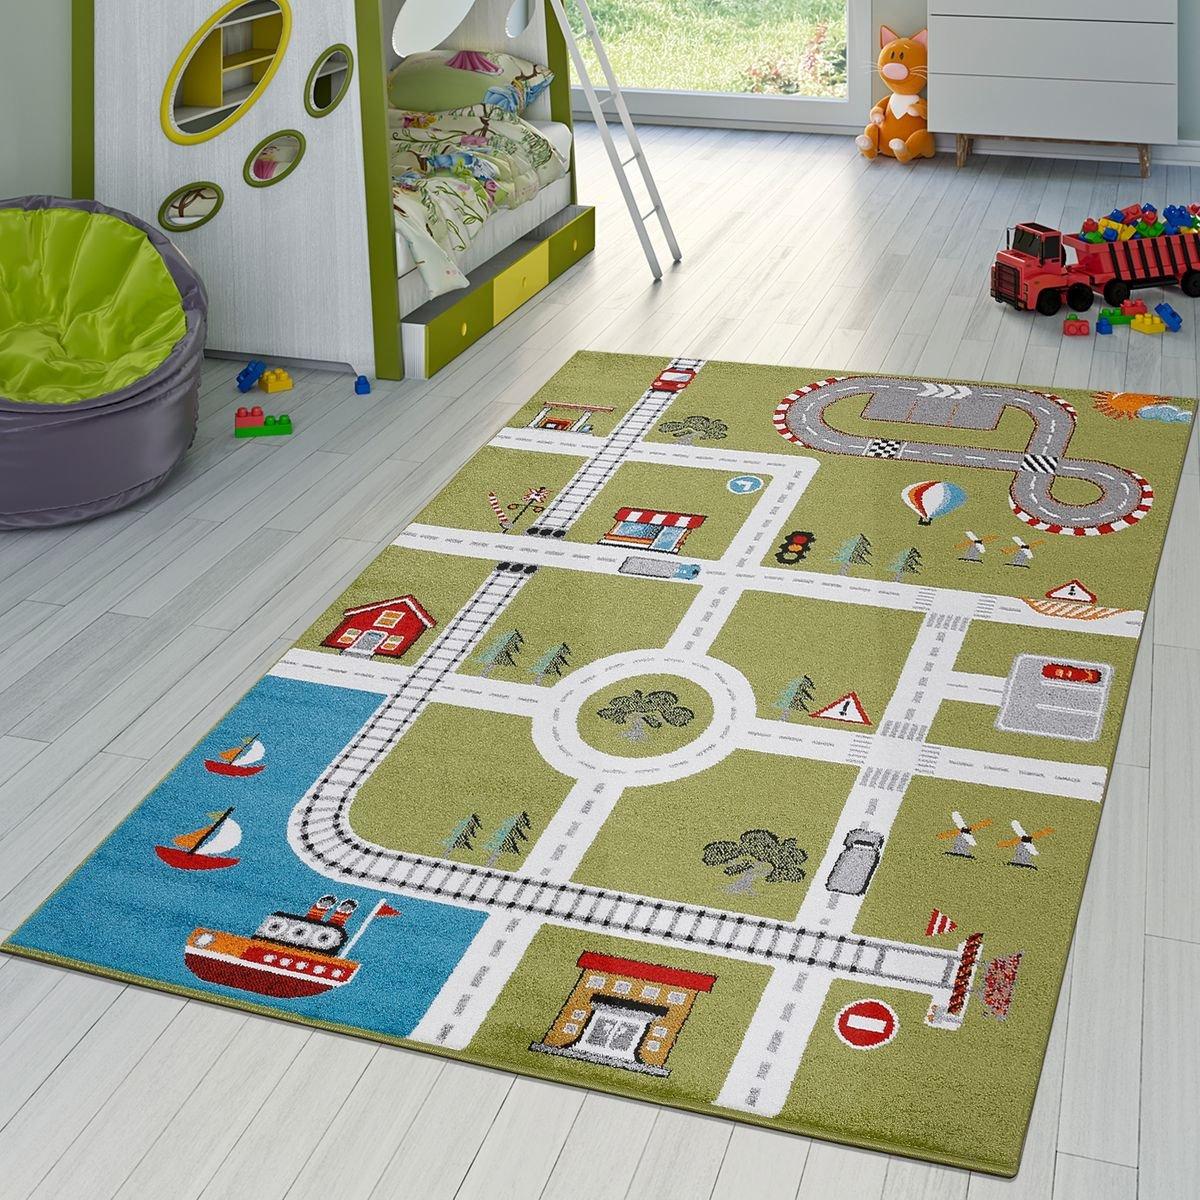 Kinderzimmer Teppich Mit Mit Mit Design City Hafen Stadt Straßen Spielteppich In Grün, Größe 120x170 cm 96ef34